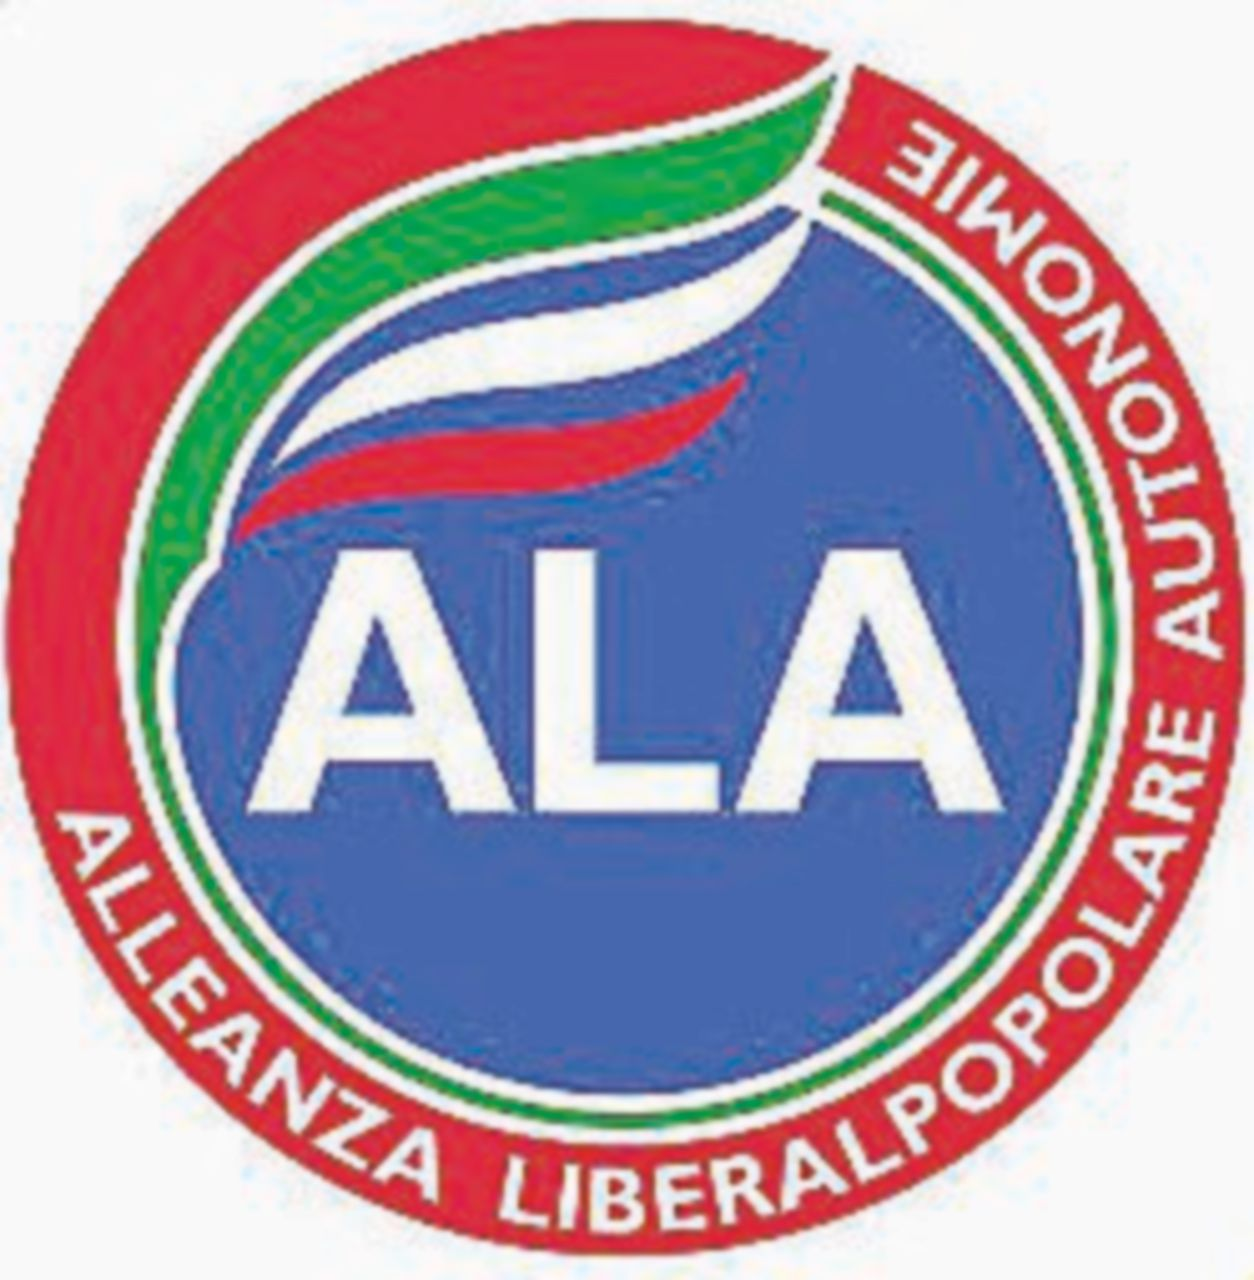 Nuovo colpo di Ala: i verdiniani col Pd anche a Grosseto